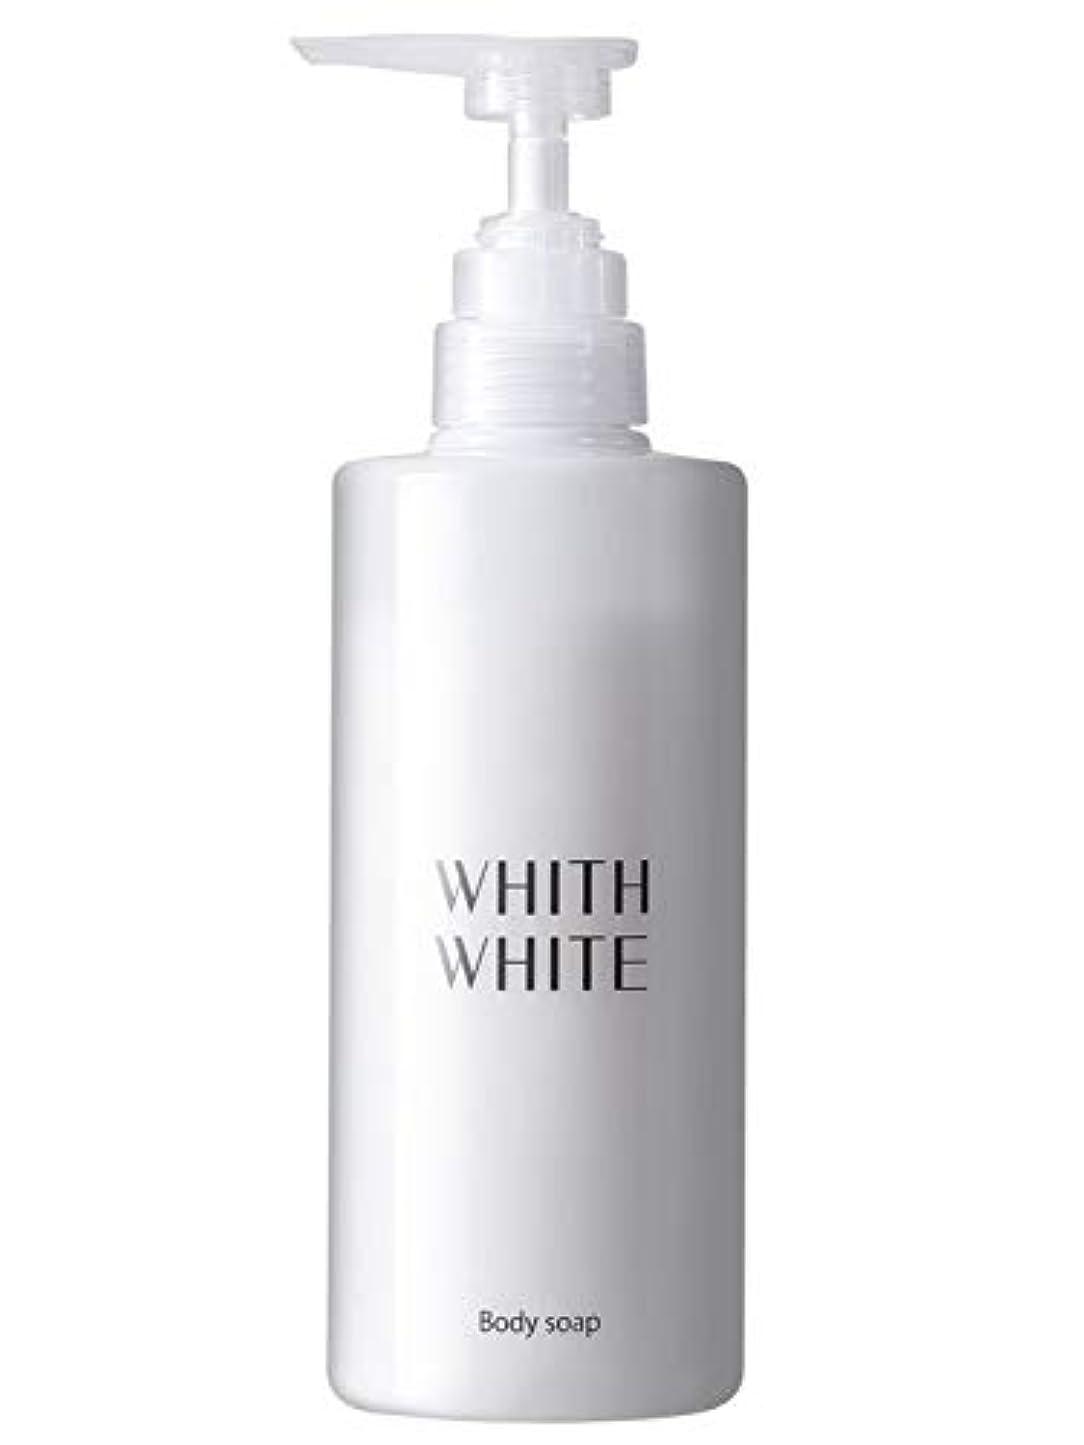 頂点回転させる群がる無添加 ボディソープ フィス ホワイト 【 エレガントフローラルのいい香り 】 保湿 ボディーソープ 「 泡で黒ずみ さっぱり ボディシャンプー 」「 ヒアルロン酸 コラーゲン セラミド 配合」450ml